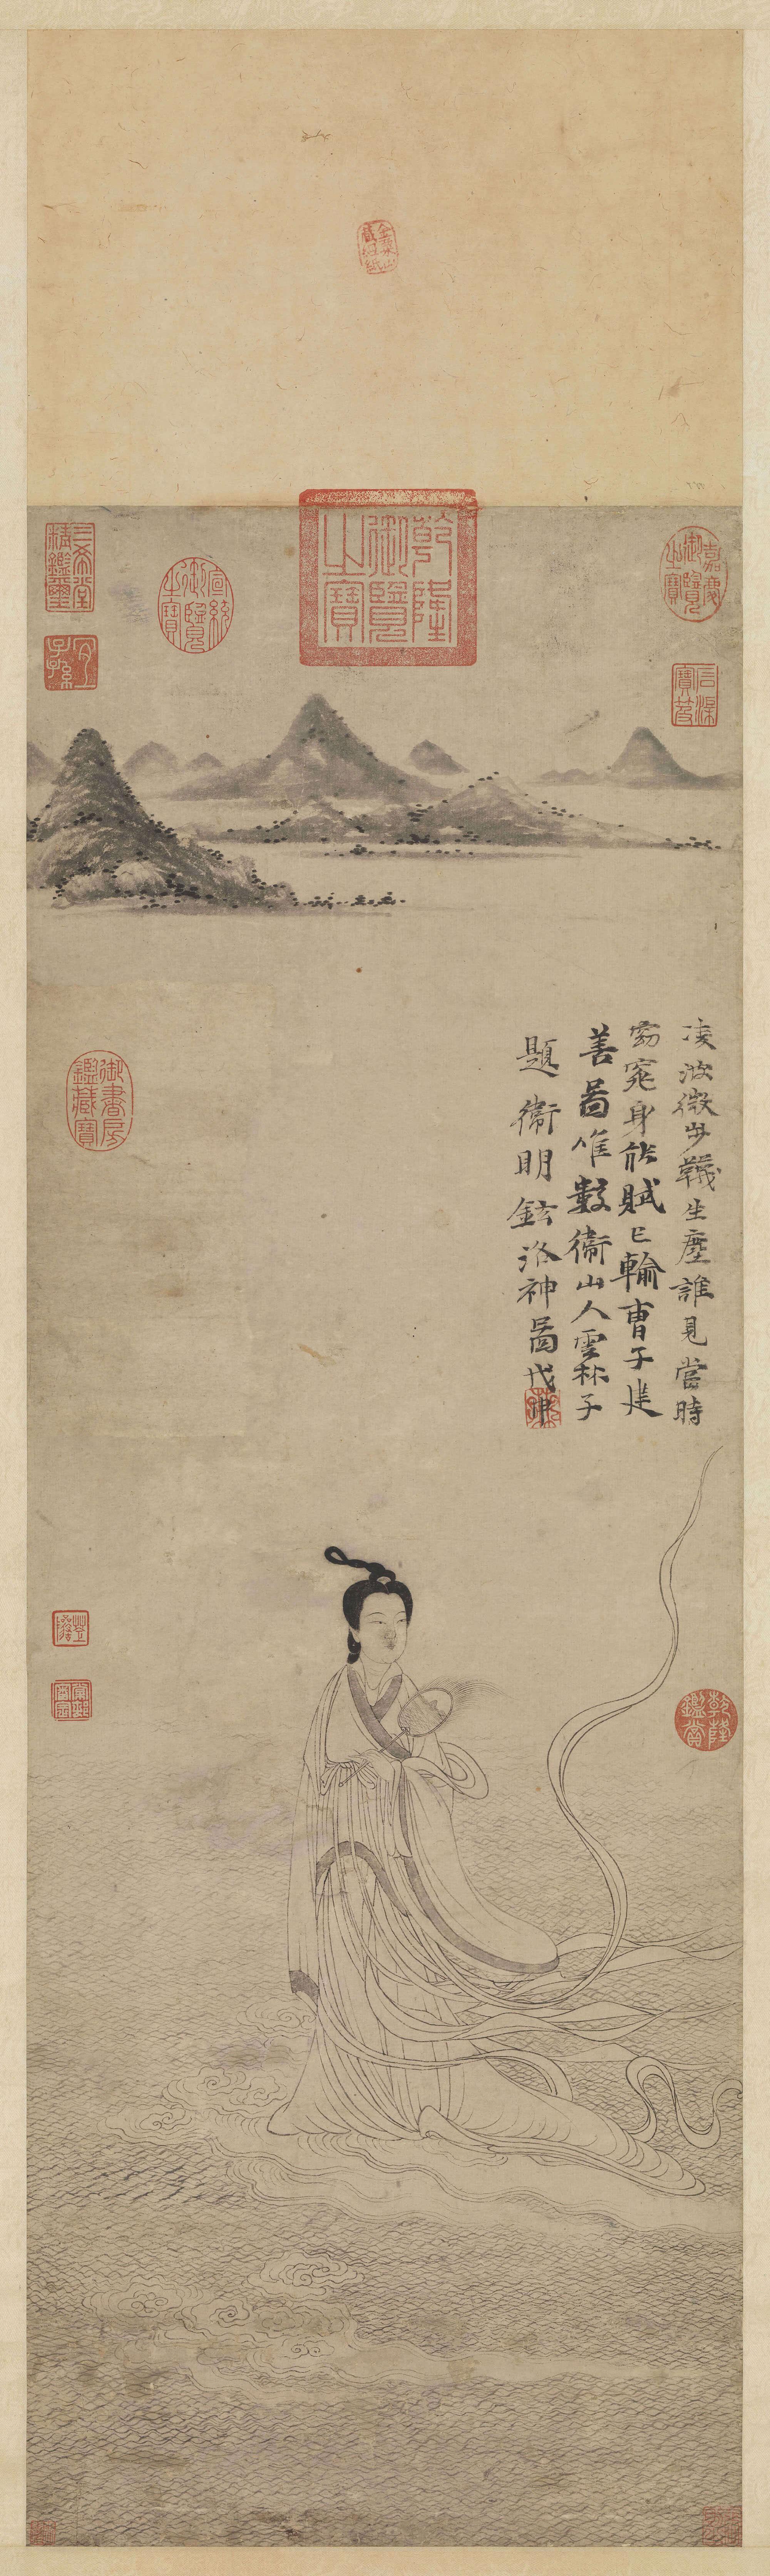 元 卫九鼎 洛神图